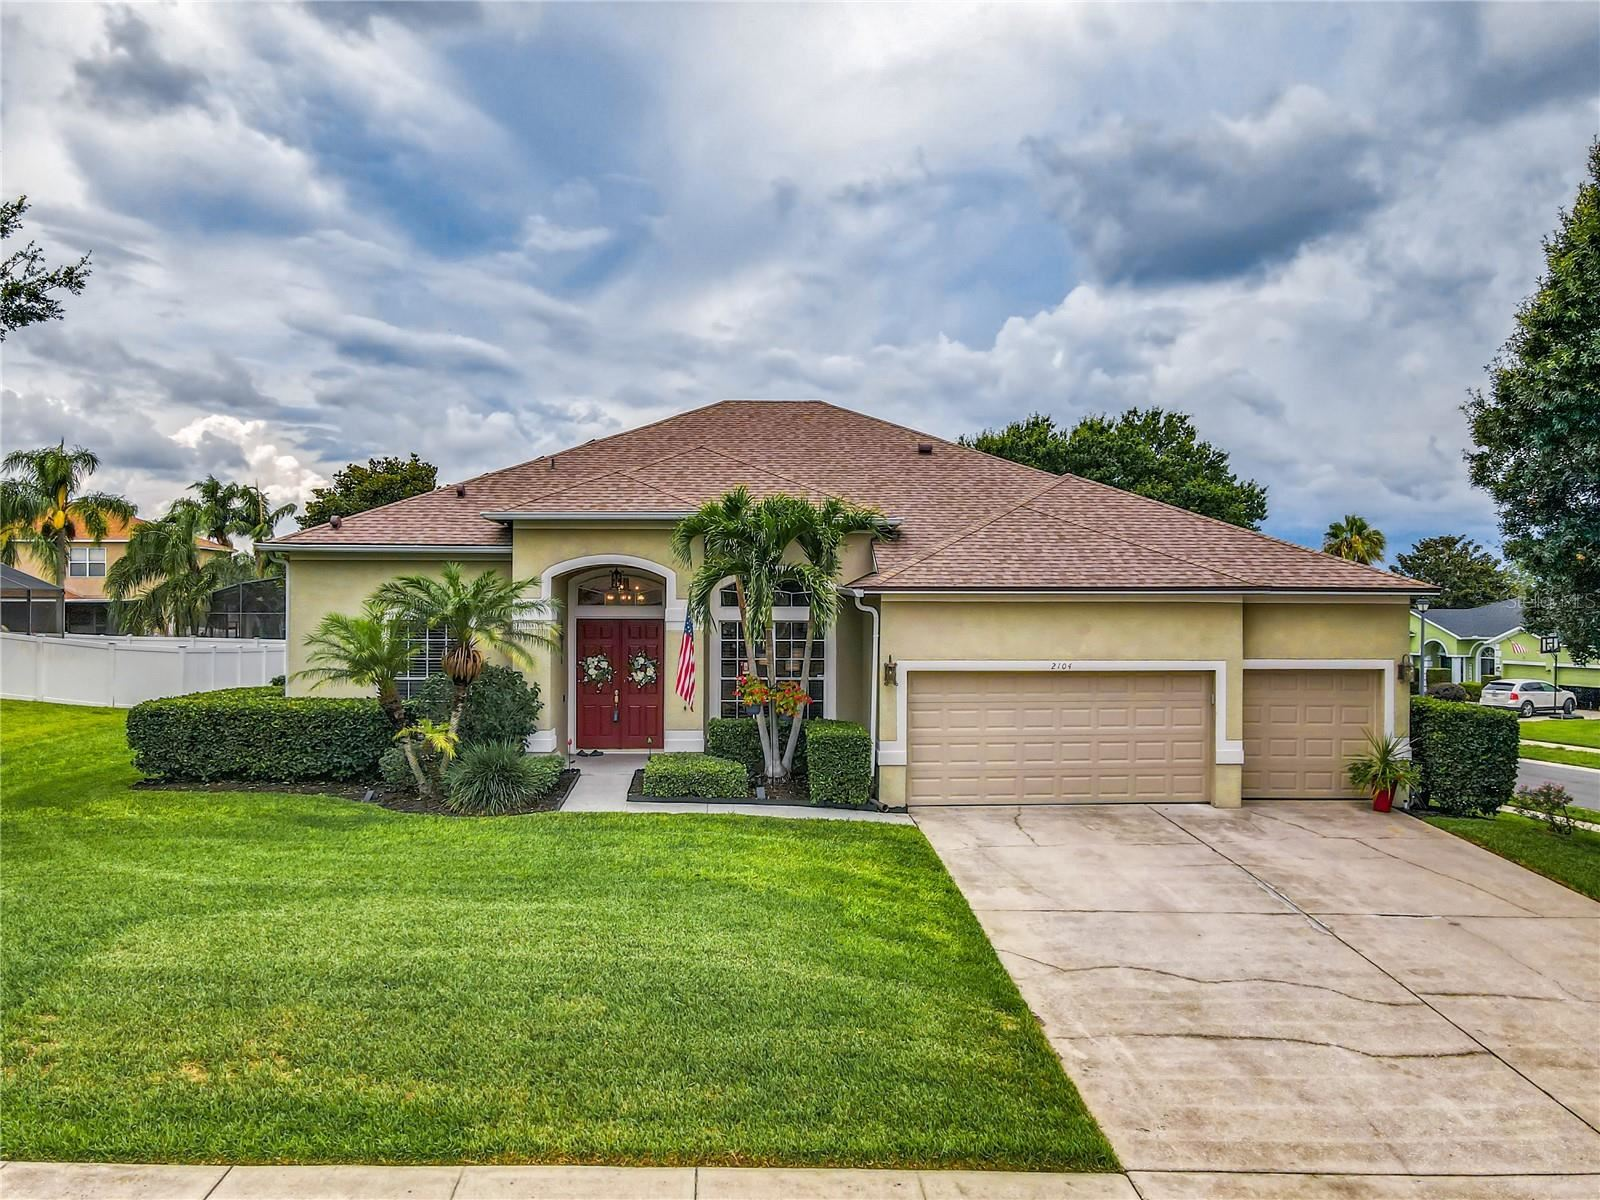 2104 WINTERMERE POINTE DRIVE, Winter Garden, FL 34787 - #: O5951386